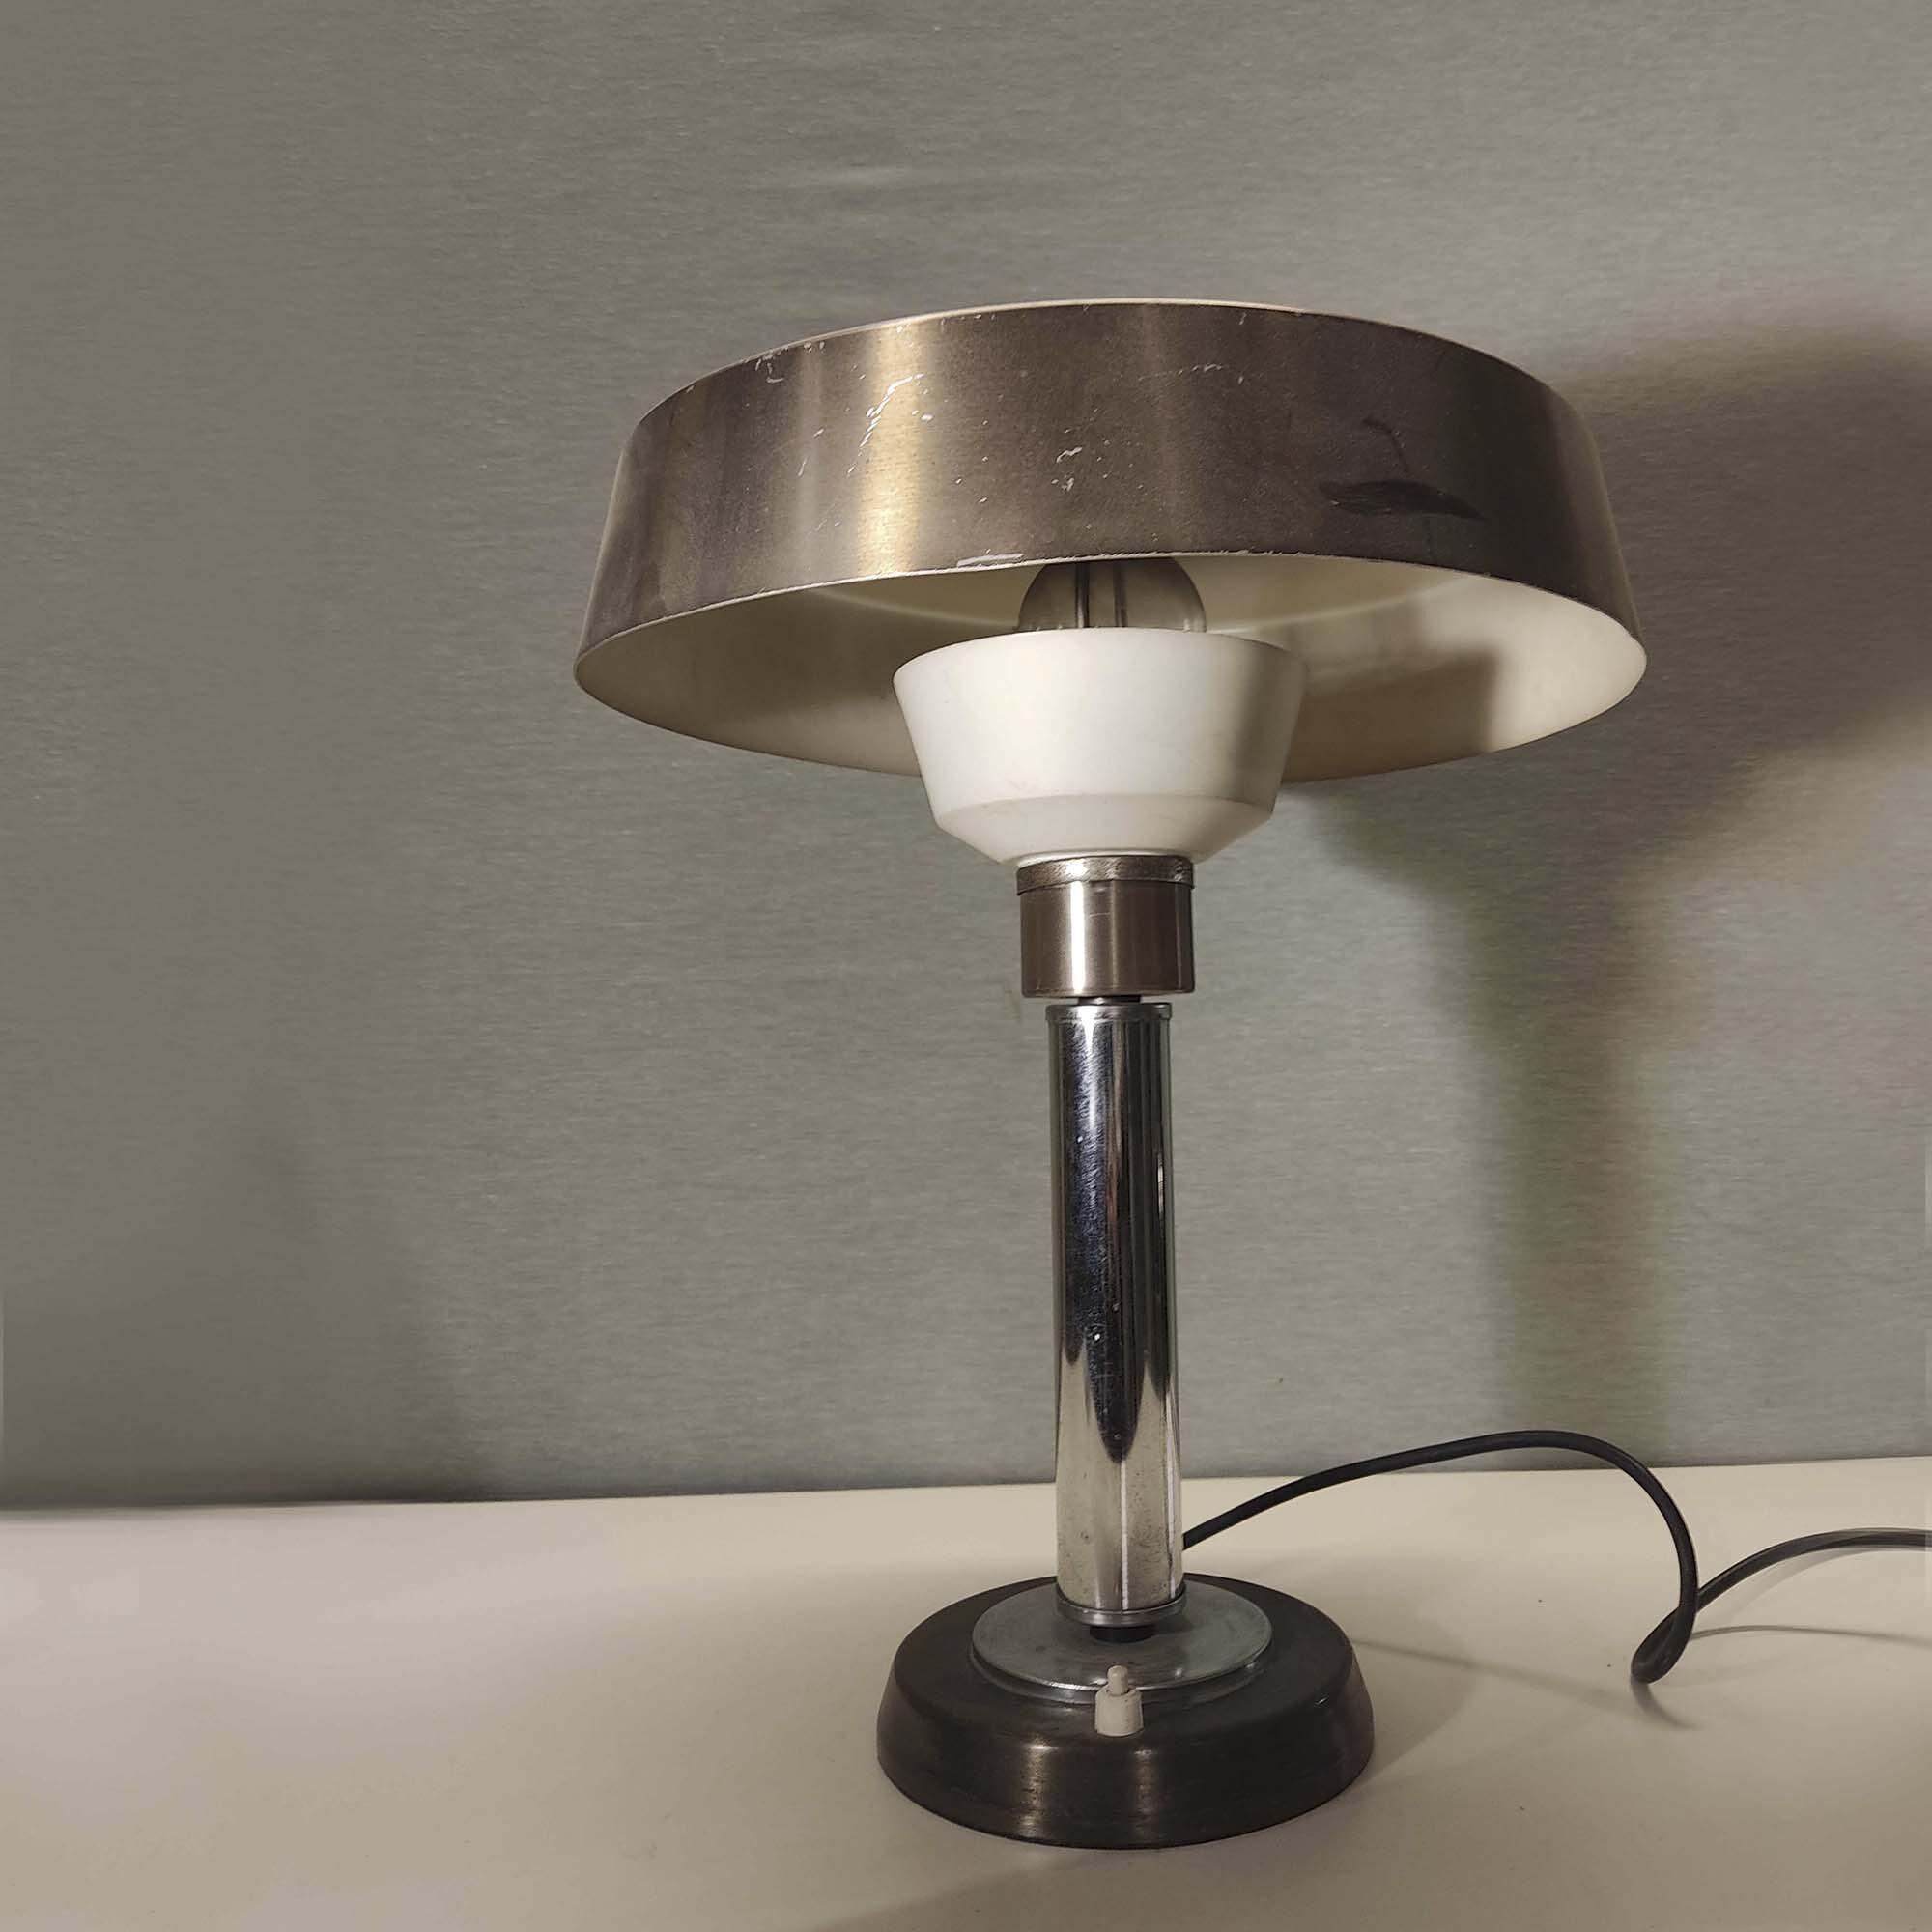 Lampada anni '60 in alluminio cromato e dorato